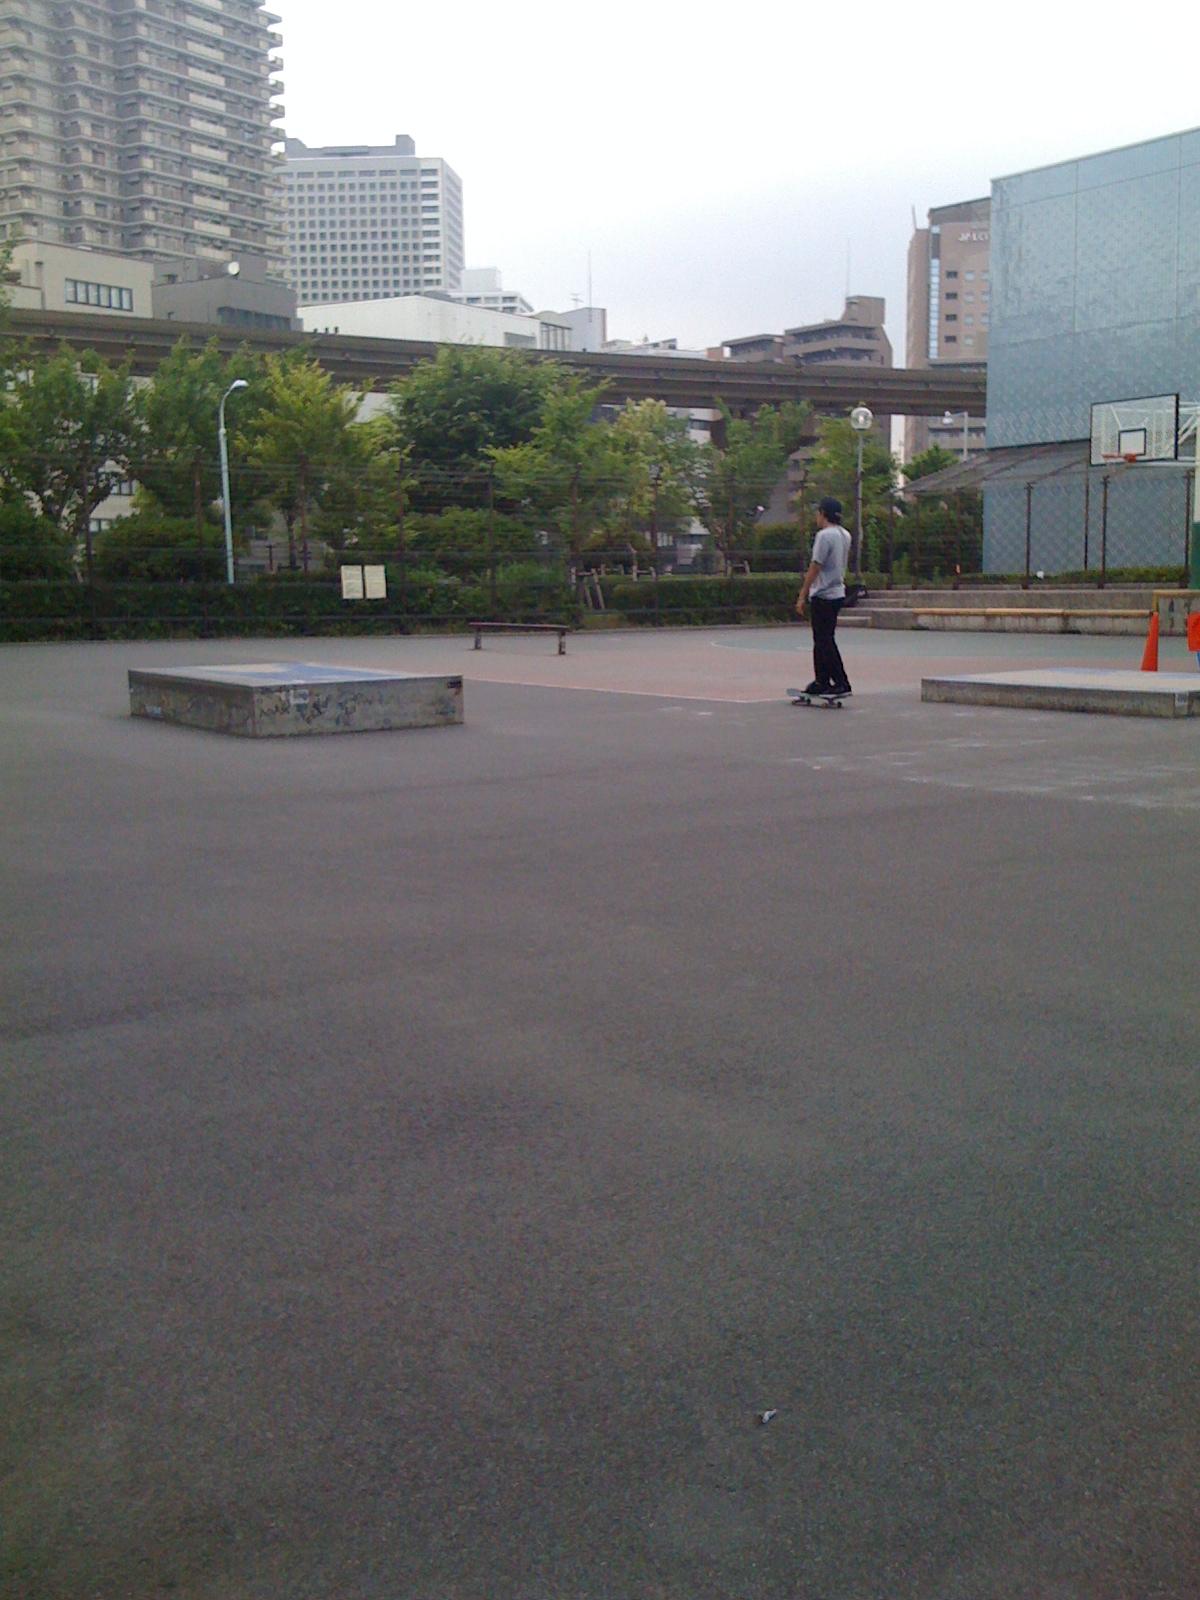 ミニアキこと、田町スケートパーク、夕凪橋公園